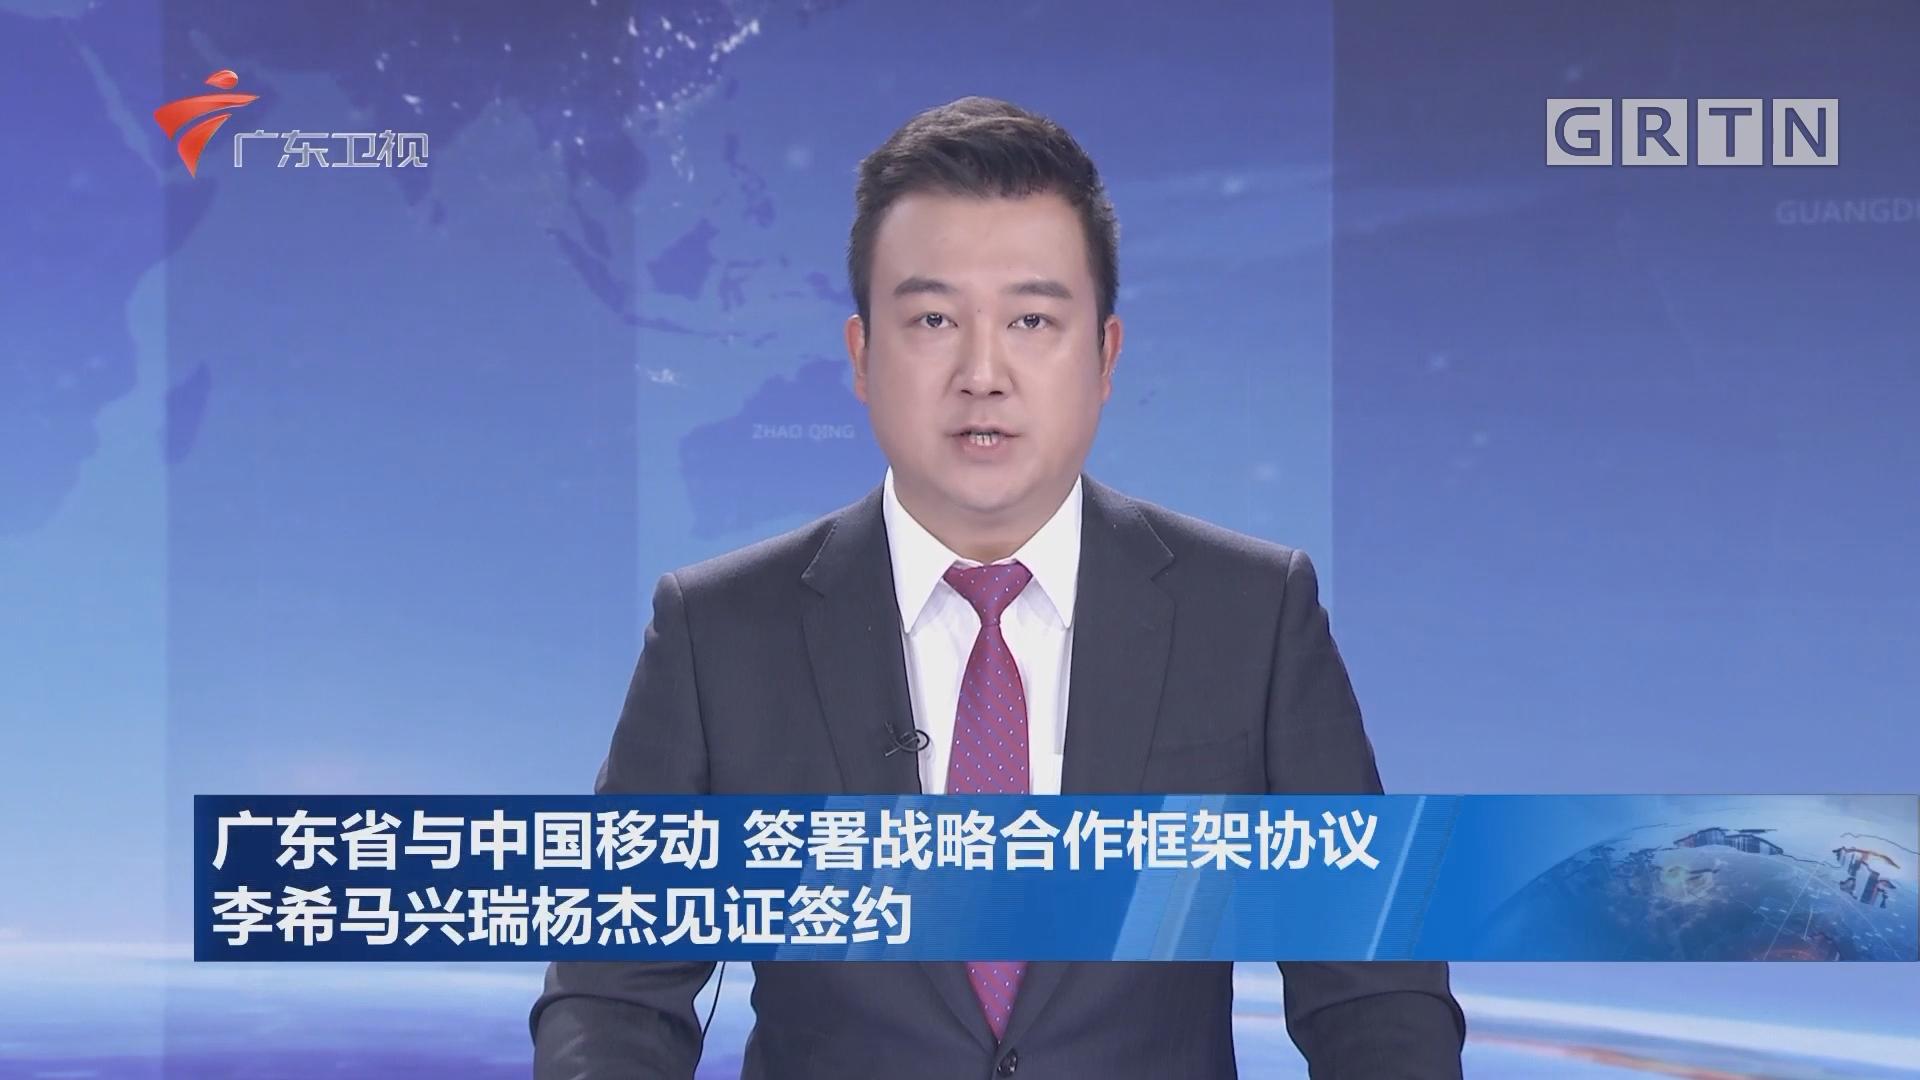 广东省与中国移动 签署战略合作框架协议 李希马兴瑞杨杰见证签约